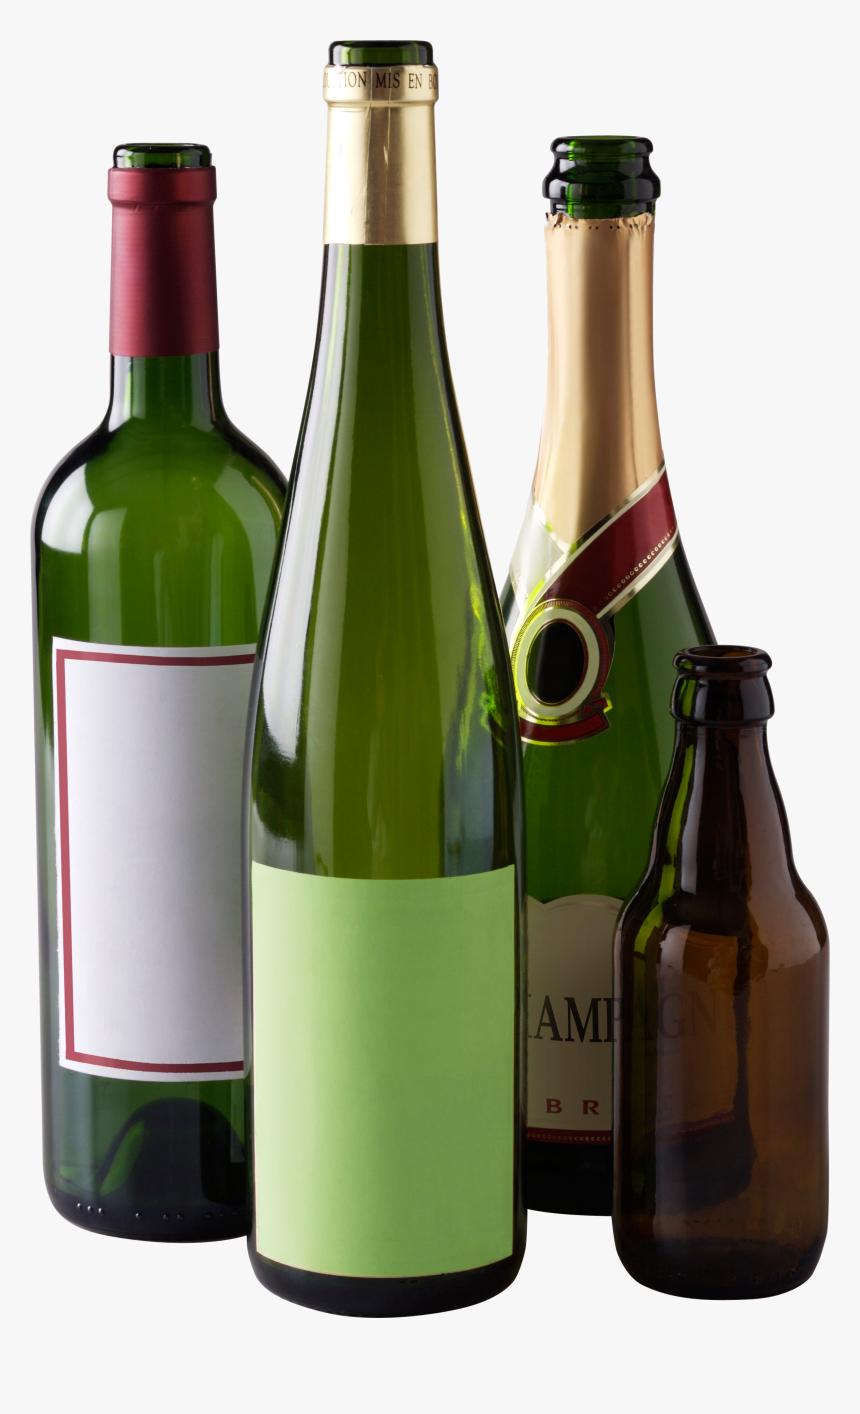 Wine Bottles Png, Transparent Png, Free Download